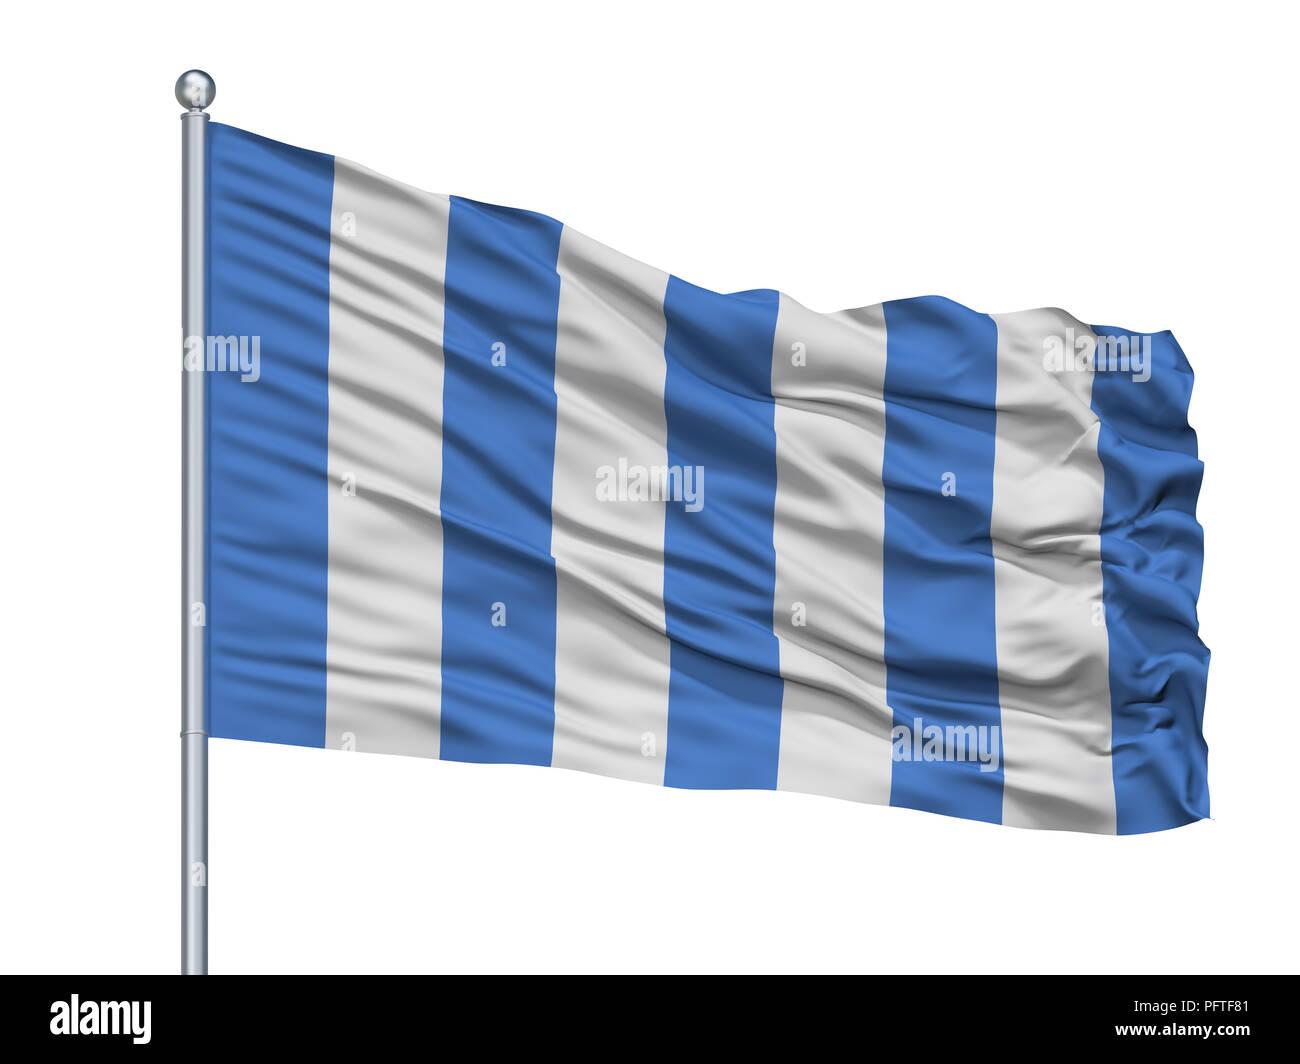 Mar Del Plata City Flag On Flagpole, Argentina, Isolated On White Background - Stock Image